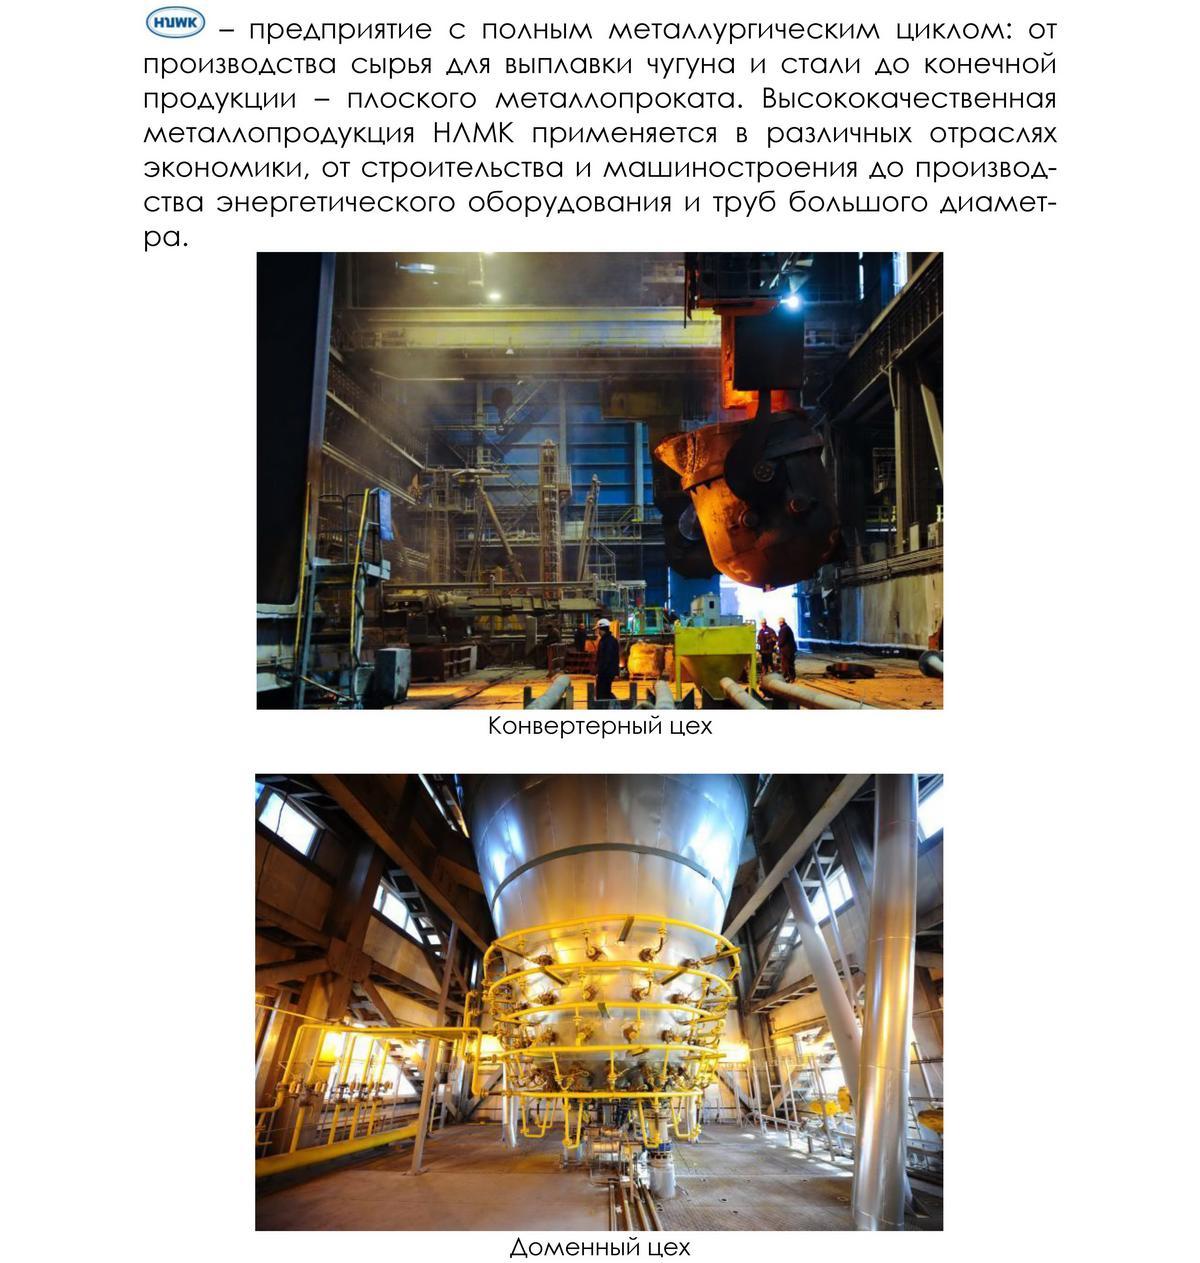 Студенты механико-технологического факультета ГГТУ имени П.О. Сухого проходят производственную практику в Липецком государственном техническом университете 2